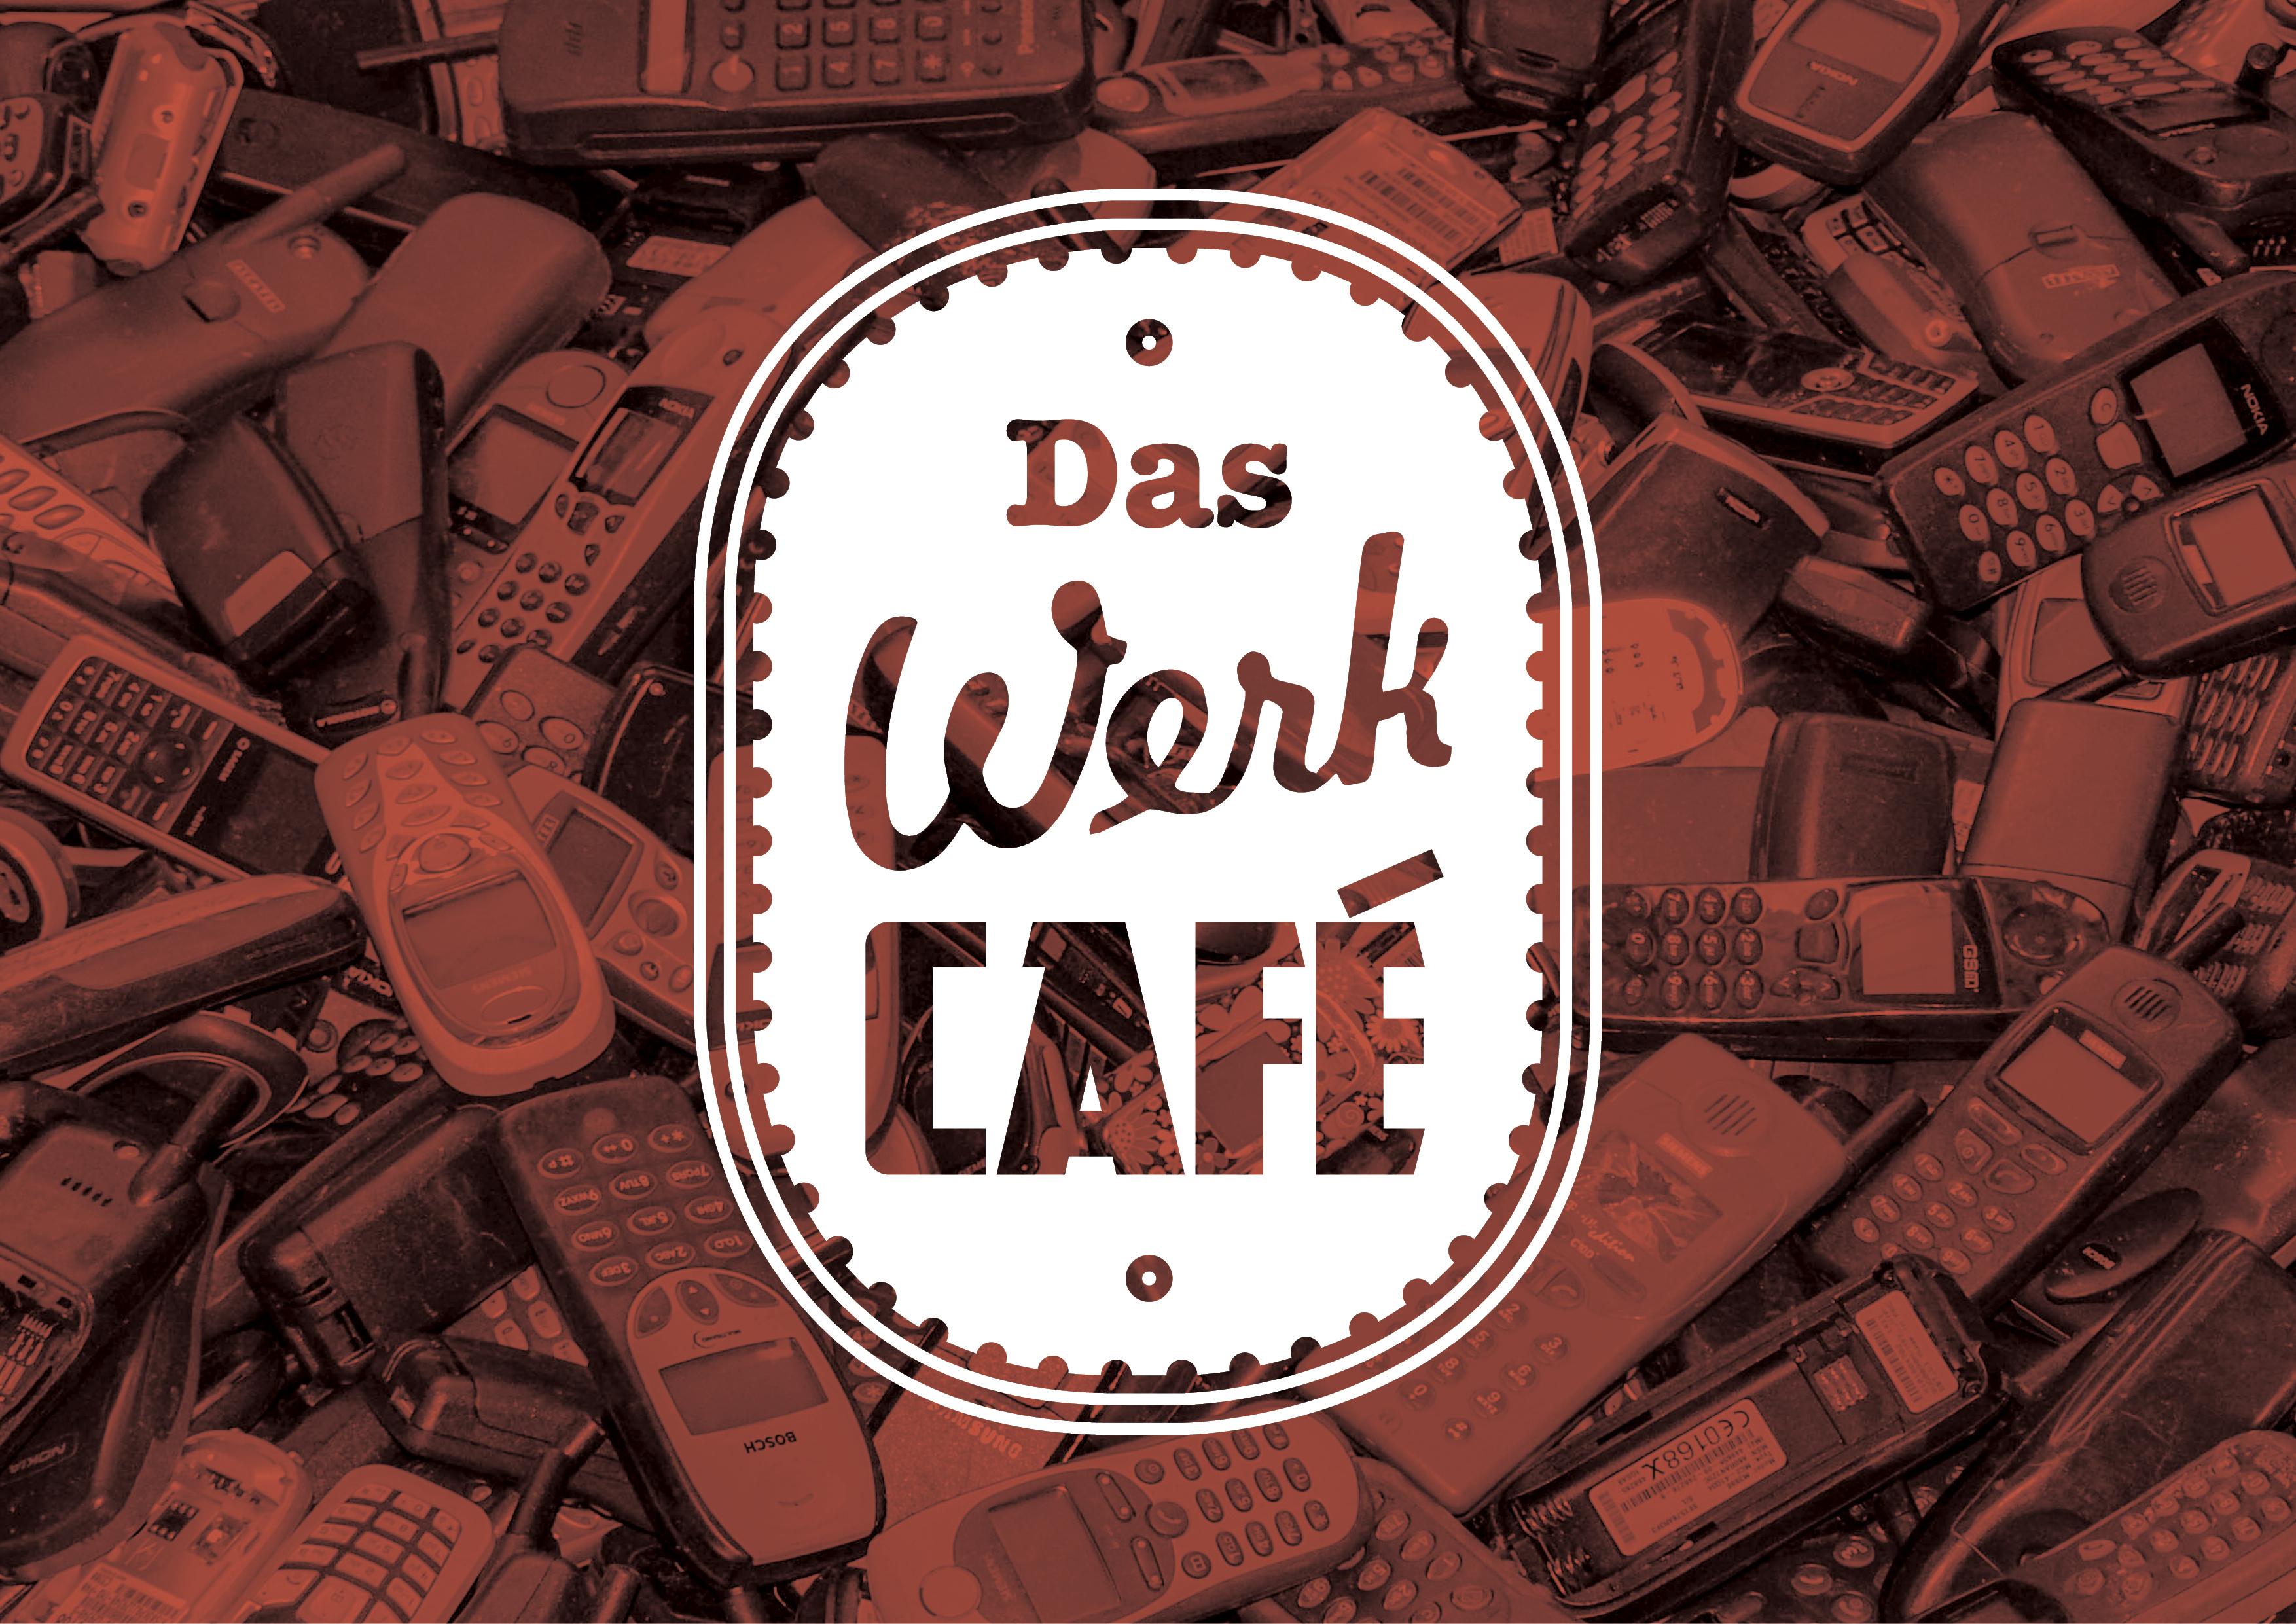 Werk Cafe Montage2